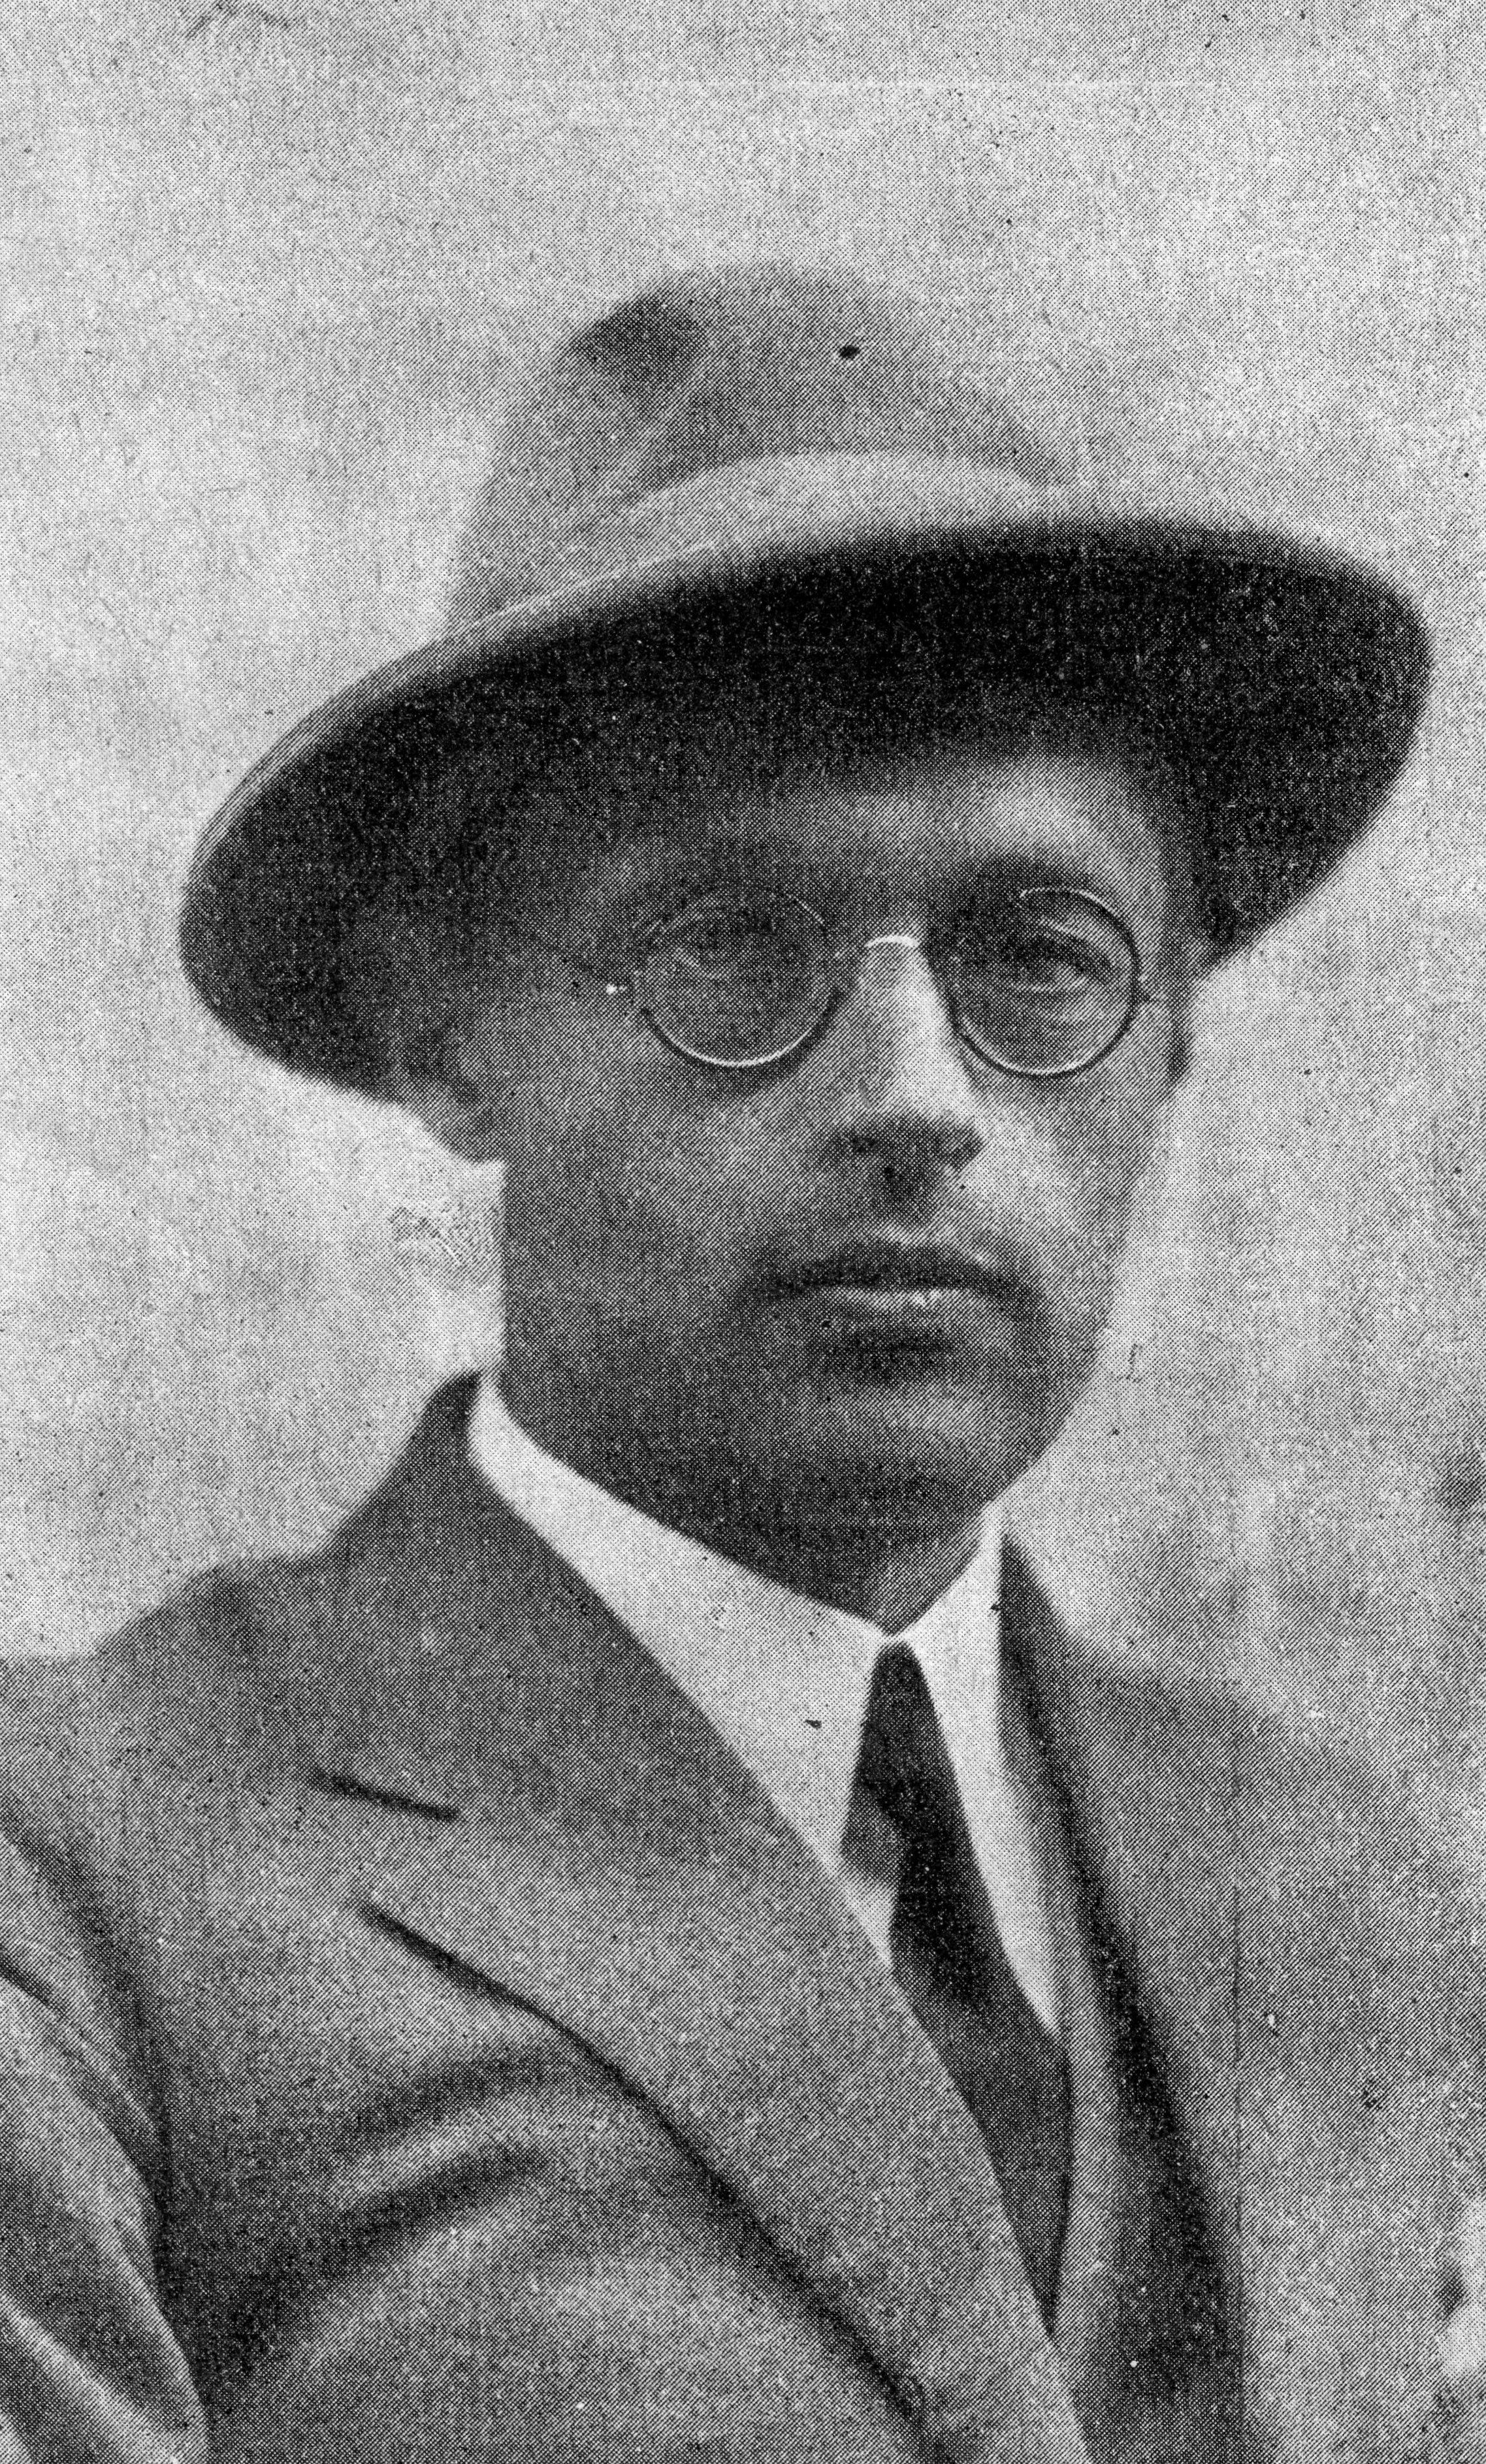 <div class='inner-box'><div class='close-desc'></div><span class='opis'>Kazimierz Wierzyński. Fotografia pochodzi z &quot;Wiadomości Literackich&quot; (16 stycznia 1938 r., nr 3/742, s. 7) fot. podpisane: Ryś</span><div class='clearfix'></div><span>Sygn. sm00201</span><div class='clearfix'></div><span>&copy; Instytut Literacki</span></div>